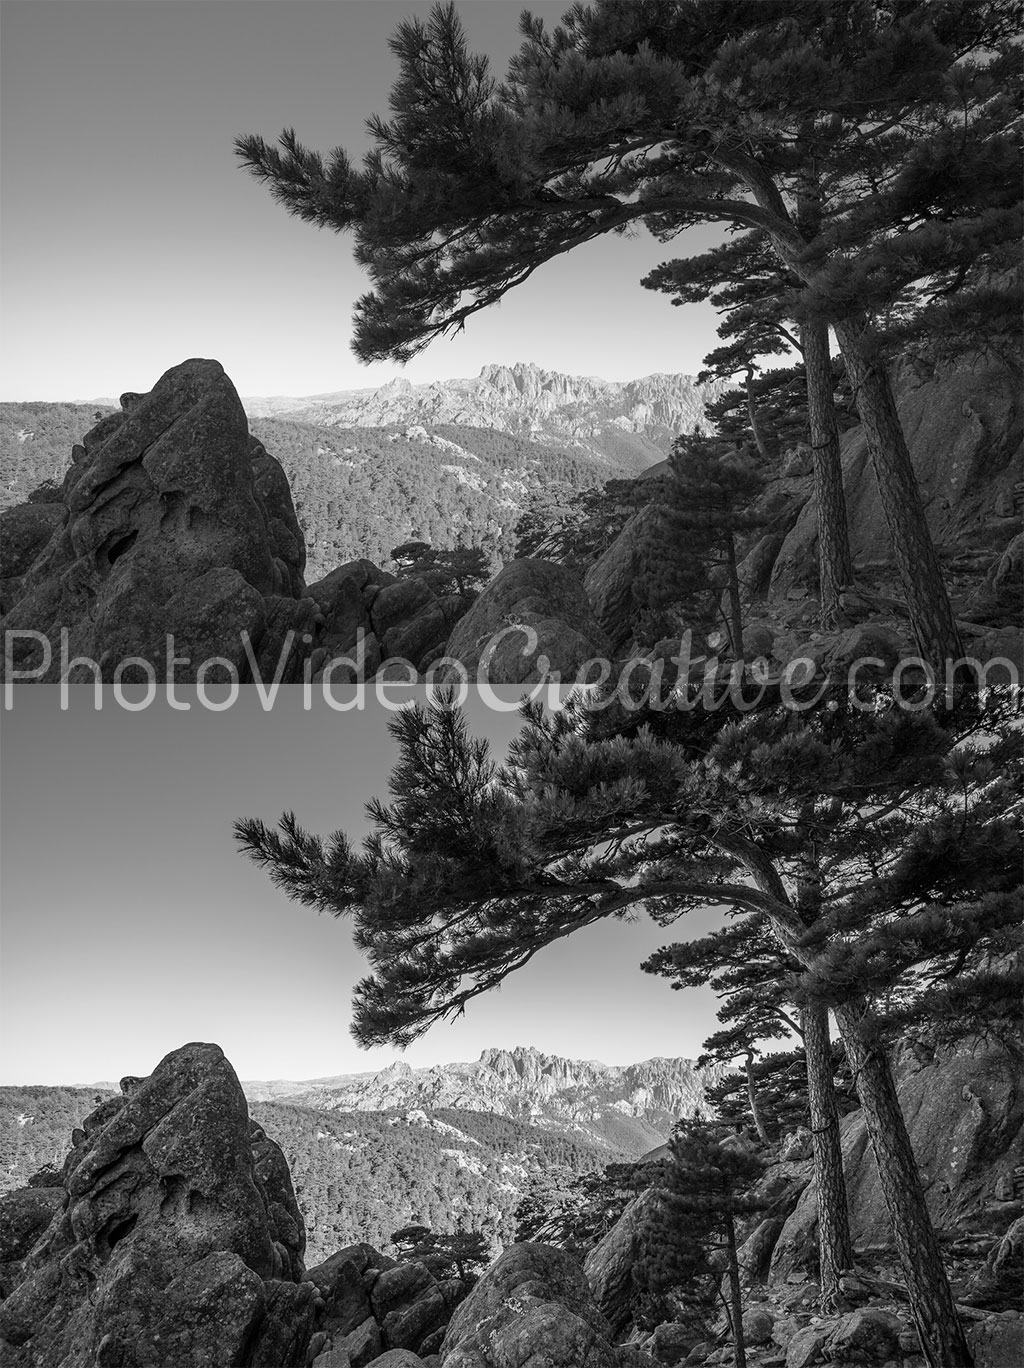 Photo noir et blanc avec et sans micro-contraste/clarté